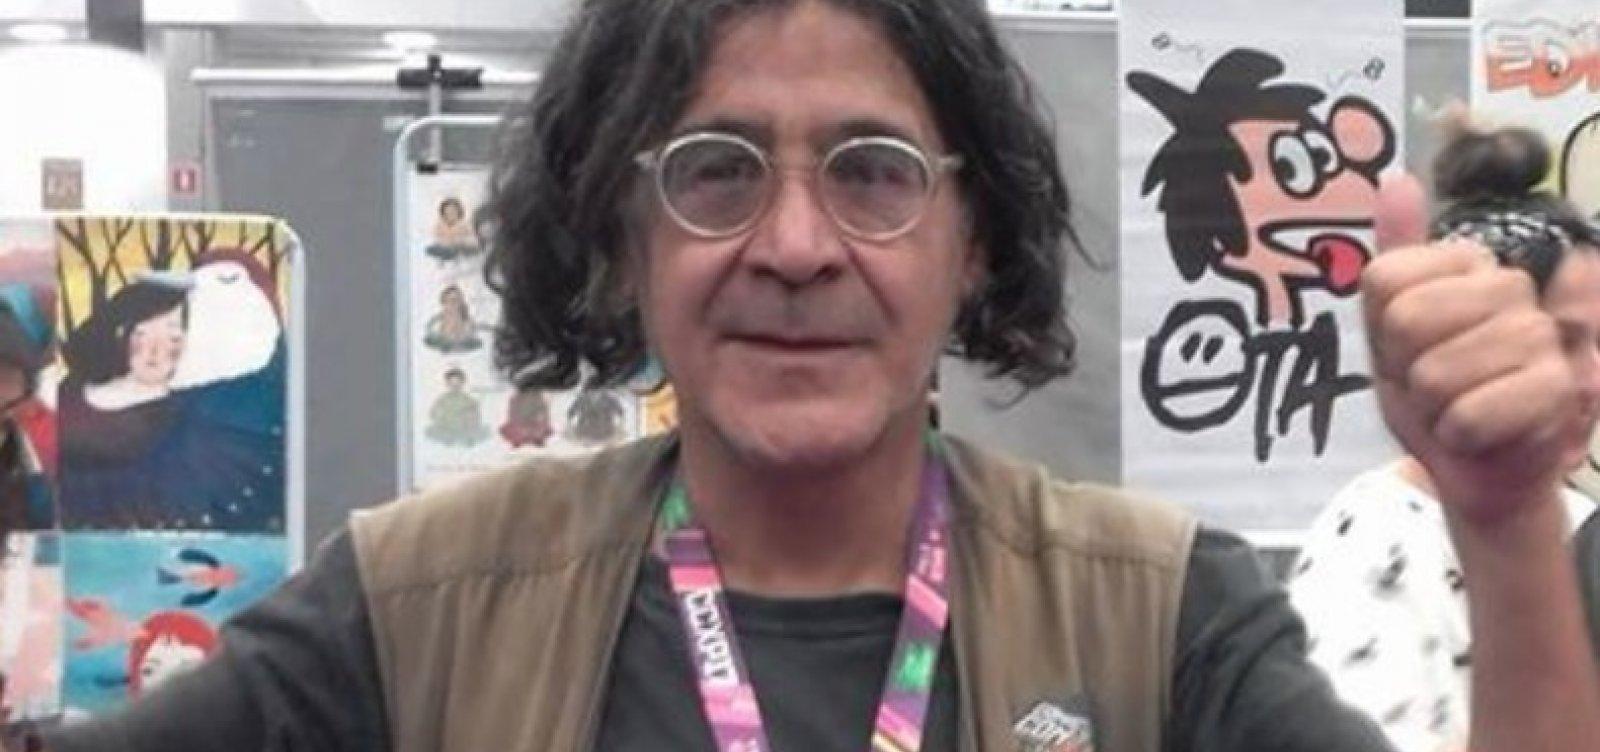 Aos 67 anos, cartunista Ota é encontrado morto no seu apartamento